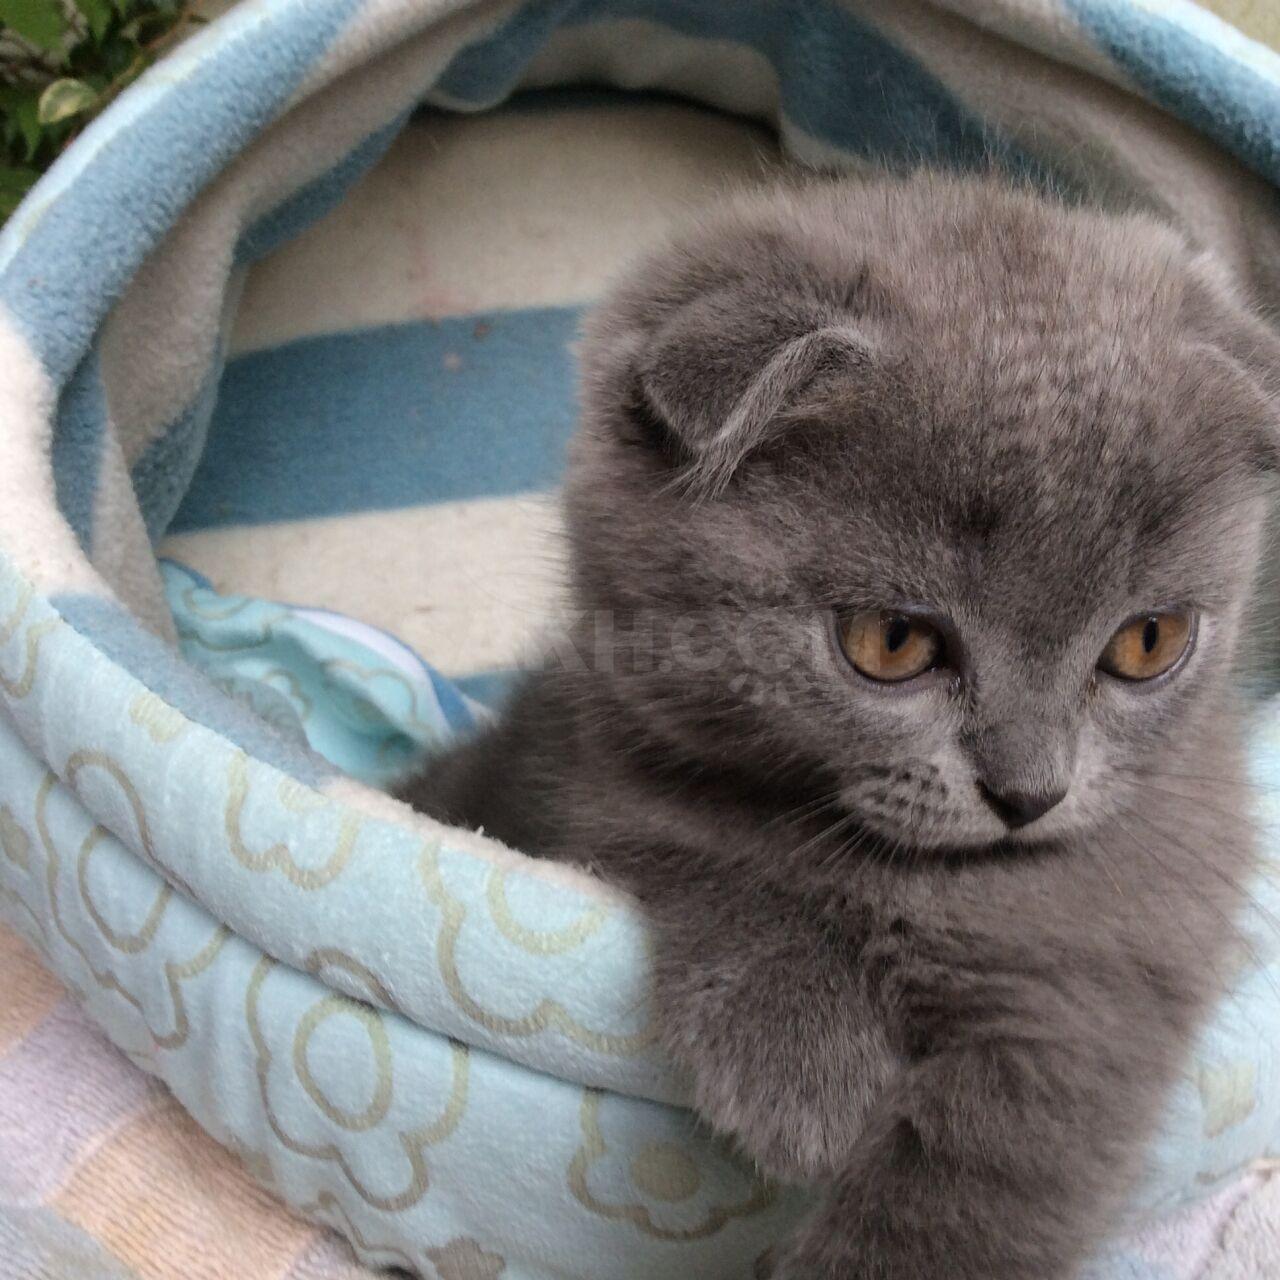 того, снимки чистокровные шотландские вислоухие котята фото при необходимости можем